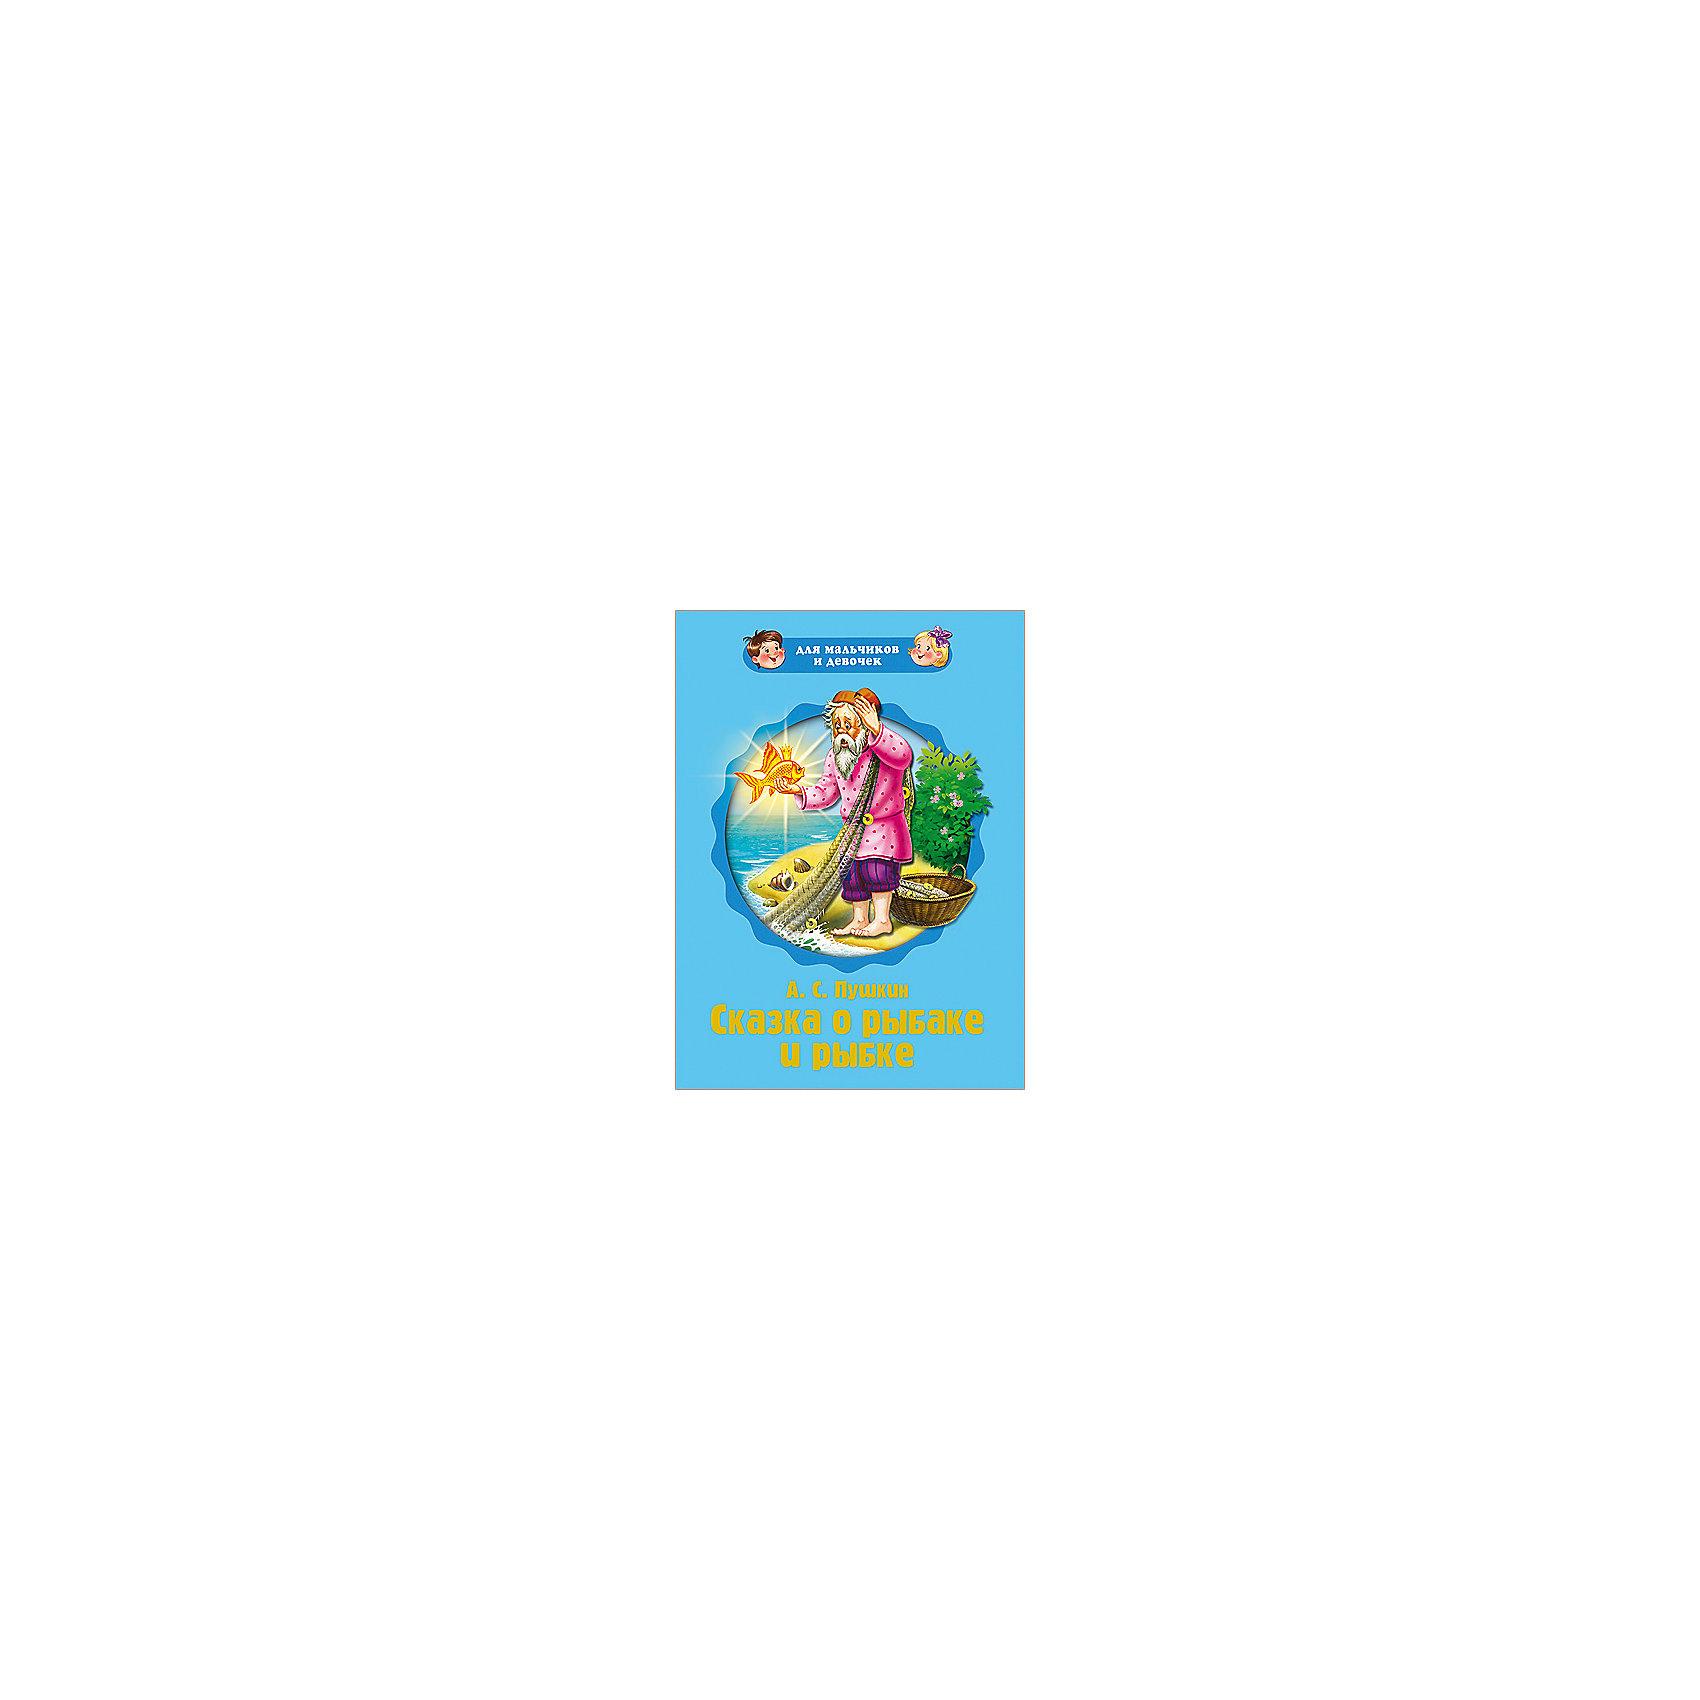 Сказка о рыбаке и рыбке, серия Для мальчиков и девочекРусские сказки<br>Сказка о рыбаке и рыбке - замечательная книга для маленьких читателей. Красивые иллюстрации, плотная обложка и удобный формат привлекут внимание ребенка, и он с удовольствием будет слушать интересные сказки, перелистывая странички самостоятельно. Подарите ребенку радость чтения!<br>Дополнительная информация:<br>Издательство: Проф-Пресс<br>Год выпуска: 2016<br>Серия: Книжки на картоне Для мальчиков и девочек<br>Обложка: твердый переплет<br>Иллюстрации: цветные<br>Количество страниц: 10<br>ISBN:978-5-378-21216-3<br>Размер: 19х1,2х16,5 см<br>Вес: 285 грамм<br>Книгу Сказка о рыбаке и рыбке можно приобрести в нашем интернет-магазине.<br><br>Ширина мм: 165<br>Глубина мм: 12<br>Высота мм: 190<br>Вес г: 285<br>Возраст от месяцев: 0<br>Возраст до месяцев: 36<br>Пол: Унисекс<br>Возраст: Детский<br>SKU: 4905905